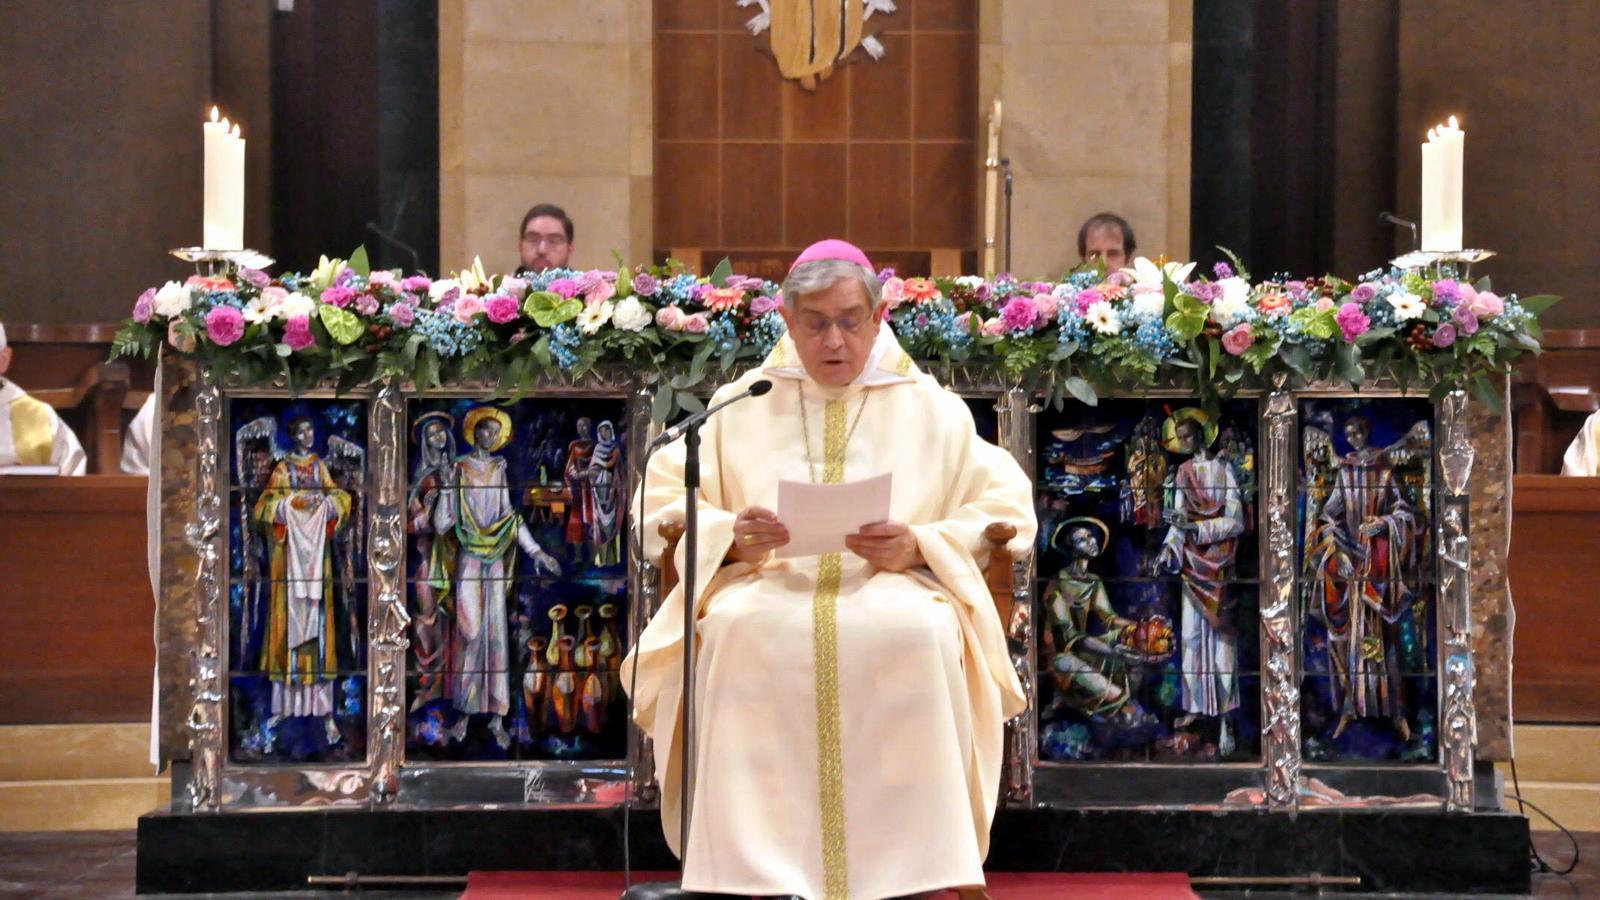 L'abat de Montserrat torna a demanar perdó a les víctimes d'abusos sexuals però descarta deixar el càrrec